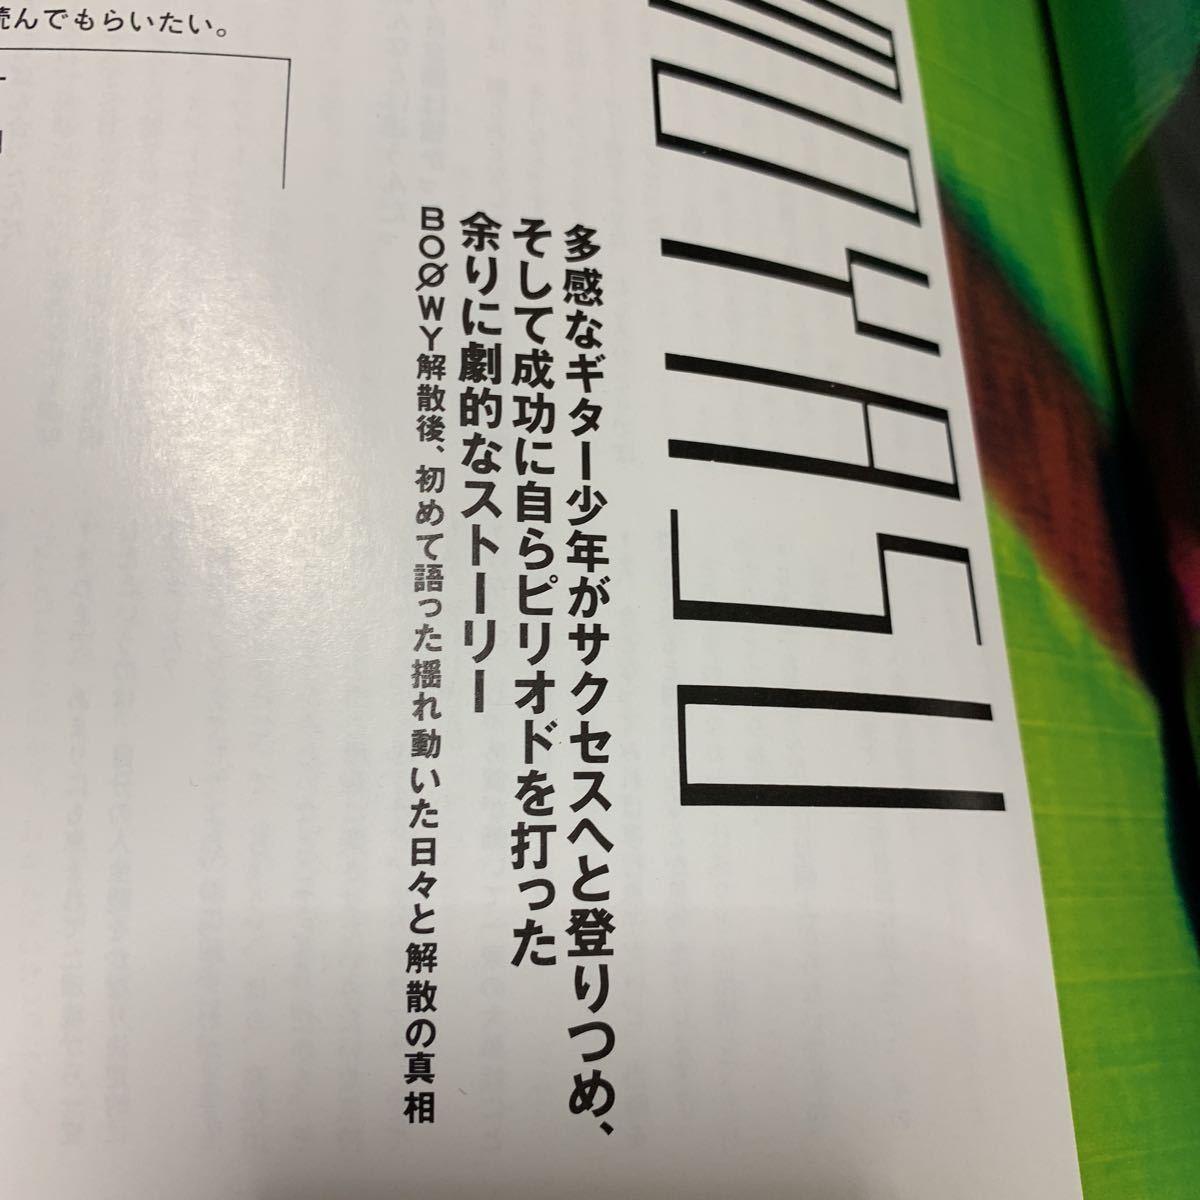 rockin'on japan 1988年 vol.12 布袋寅泰 表紙 BOOWY解散後のはじめて語った解散の真相 LAST GIGS 直後_画像4